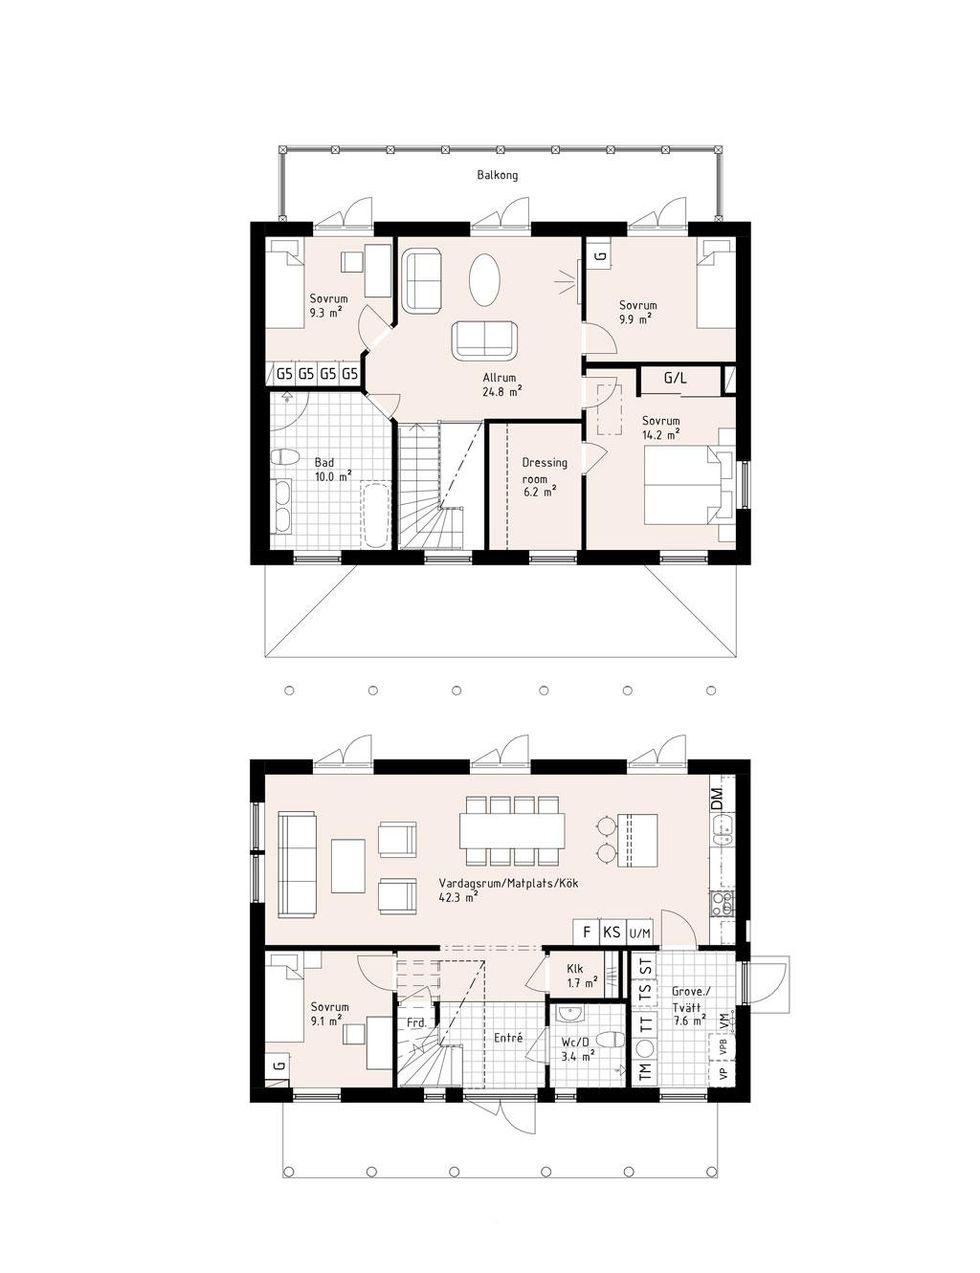 Badrum kostnad renovera badrum 10 kvm : Hitta din favorit bland ̴rets kataloghus РHus & Hem